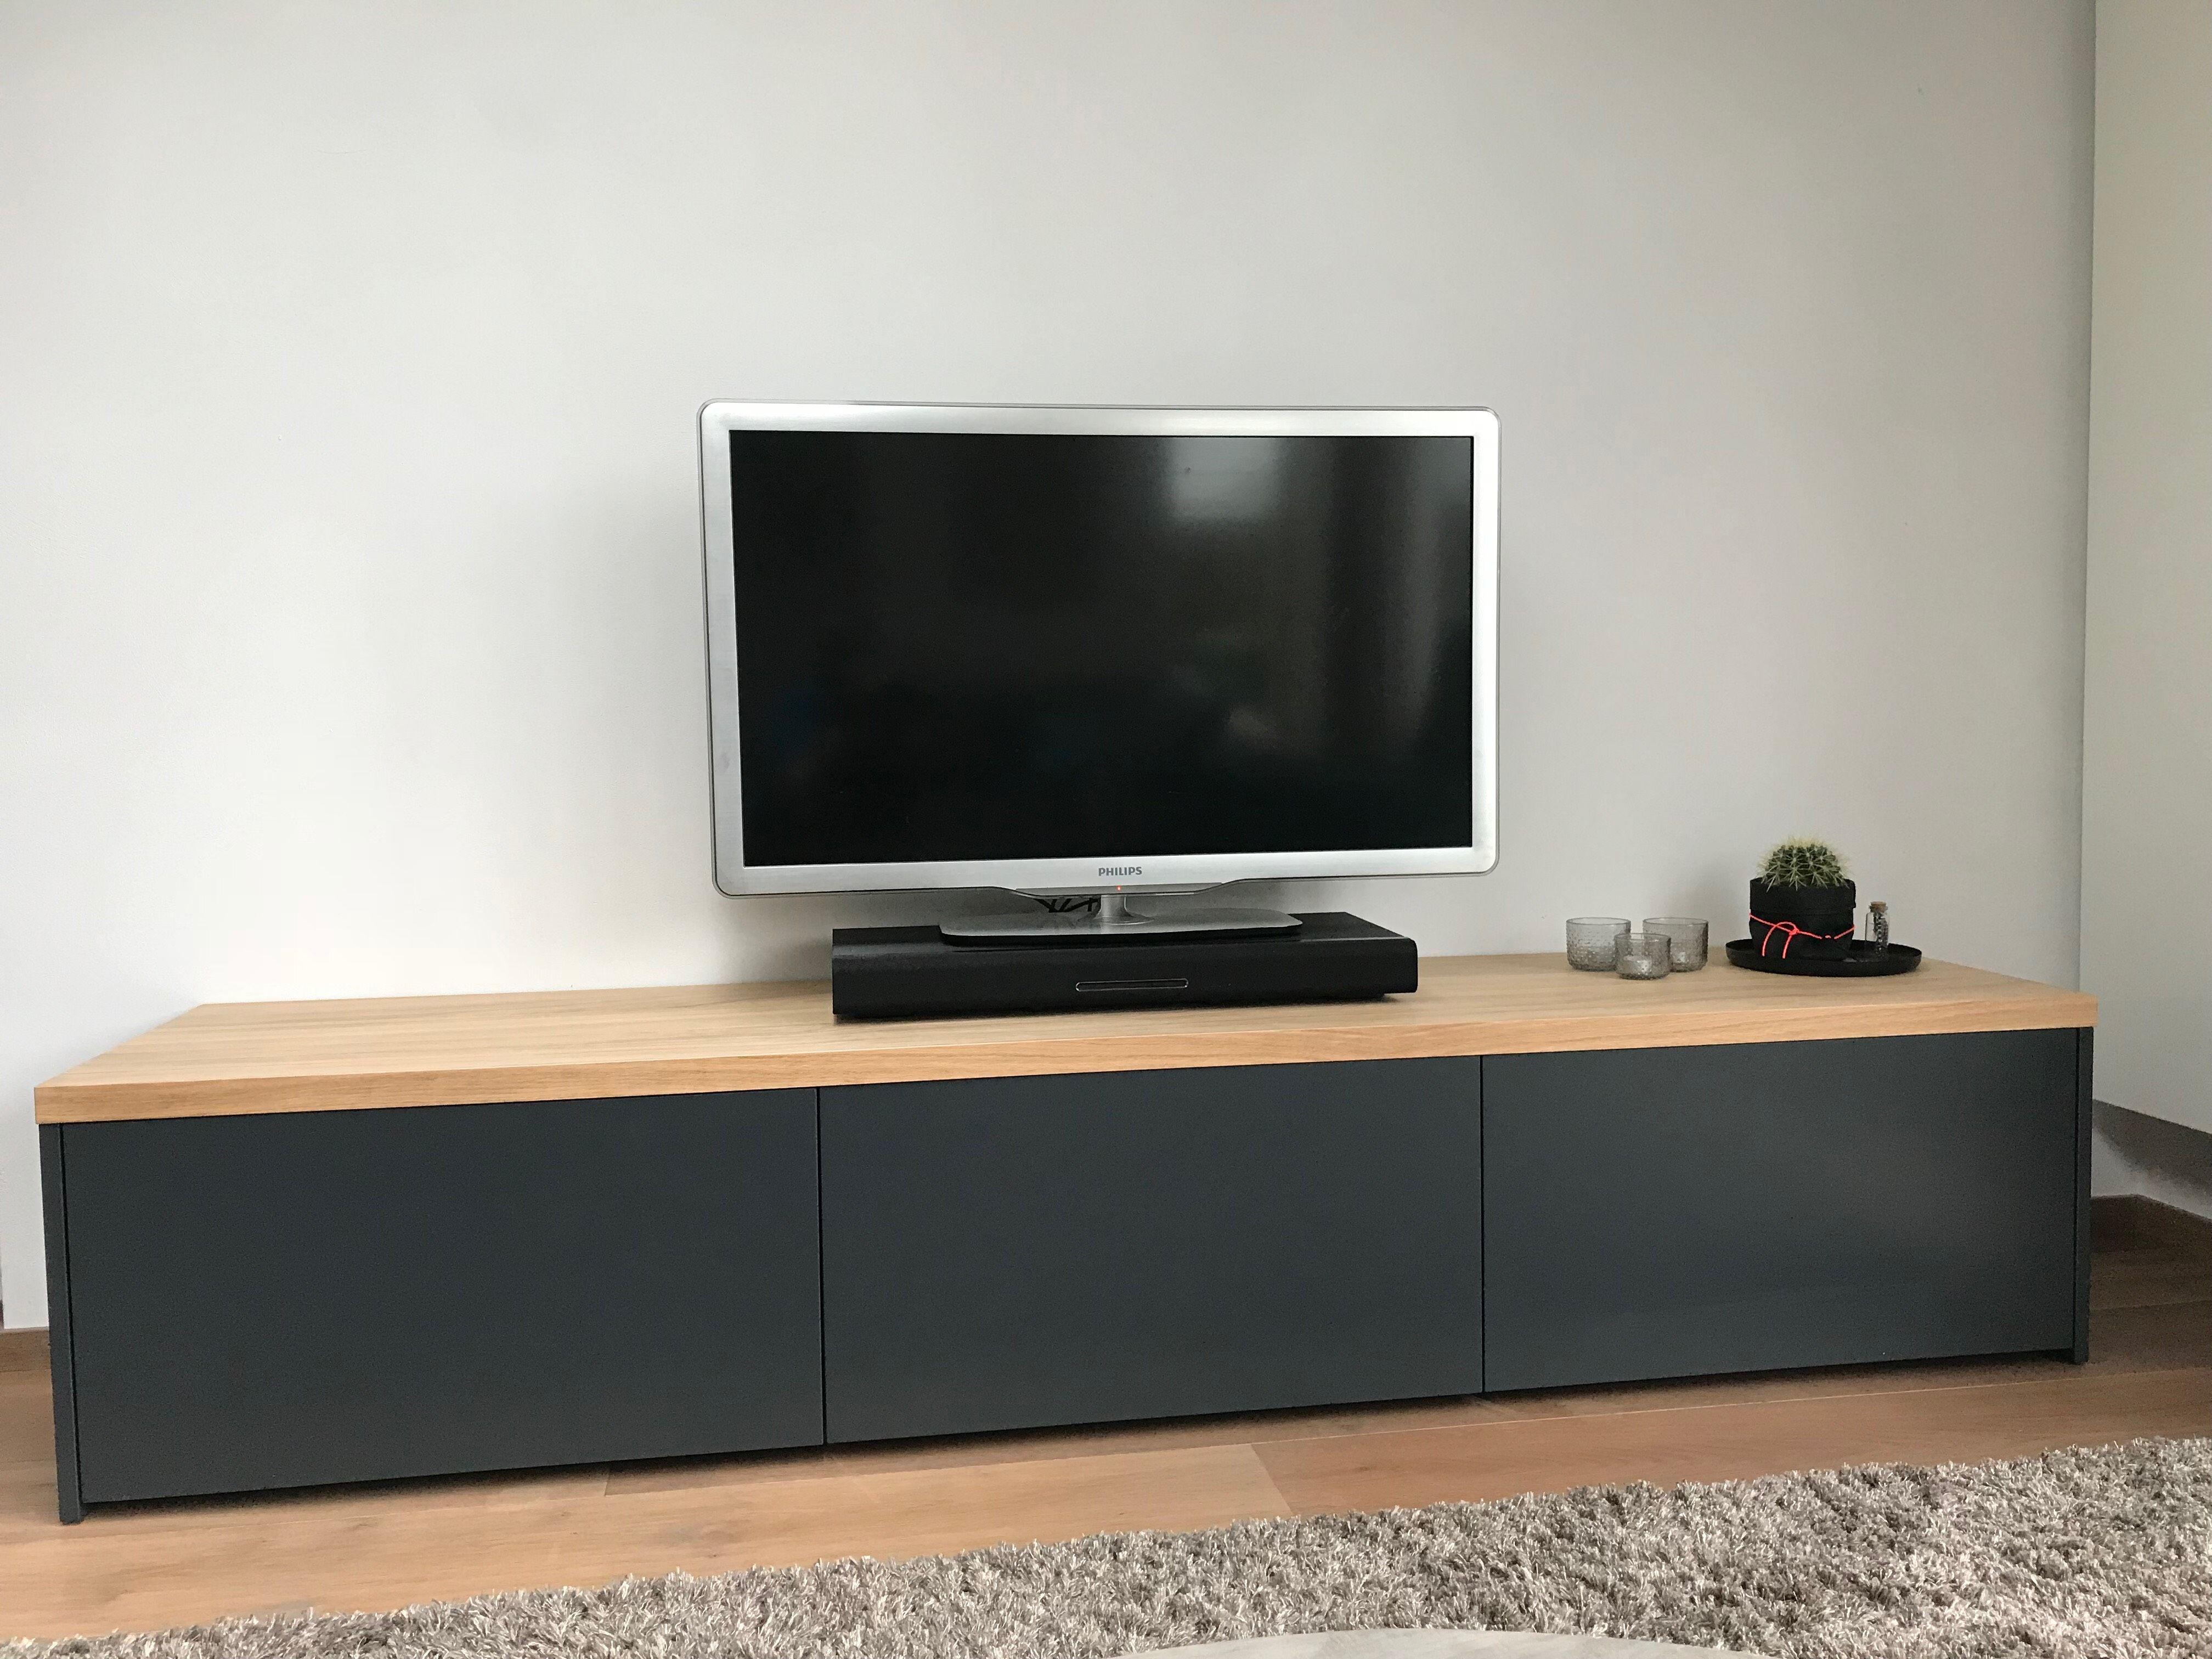 Tv Kast Nl : Maatwerk tv meubel tv kast ontwerp en realisatie